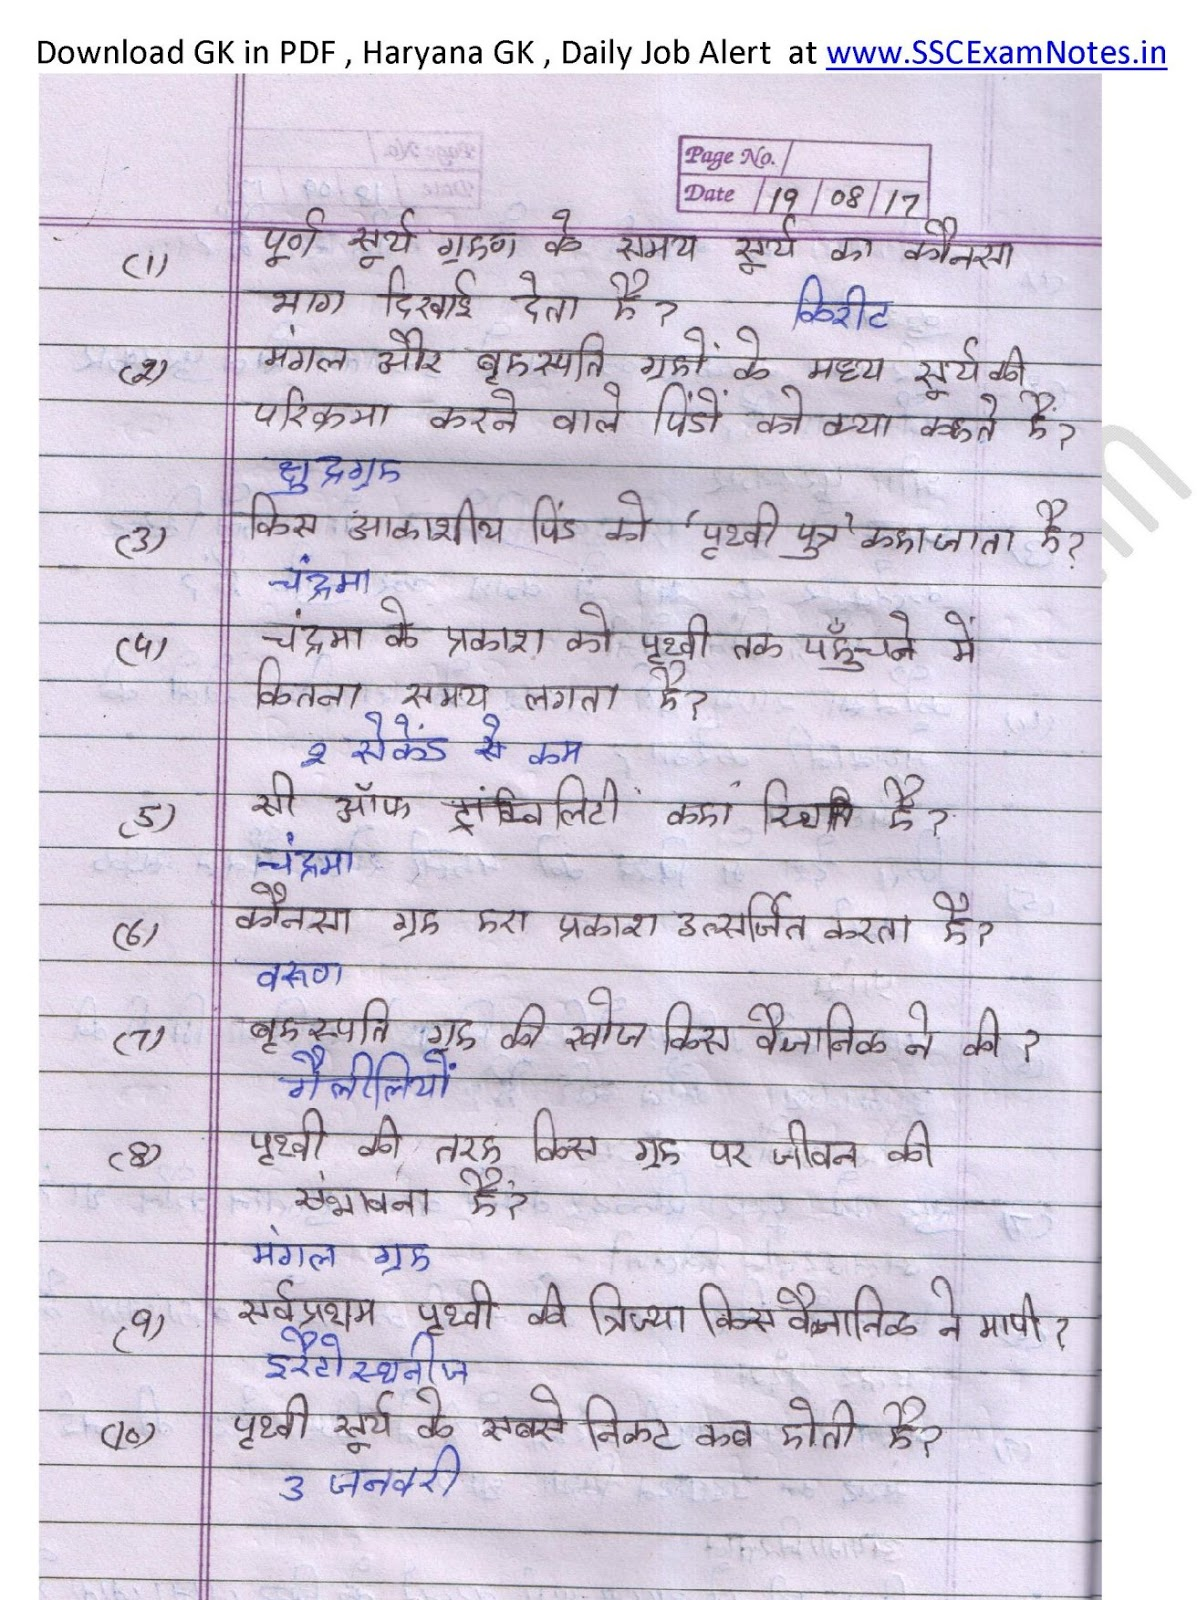 Haryana G.k Pdf